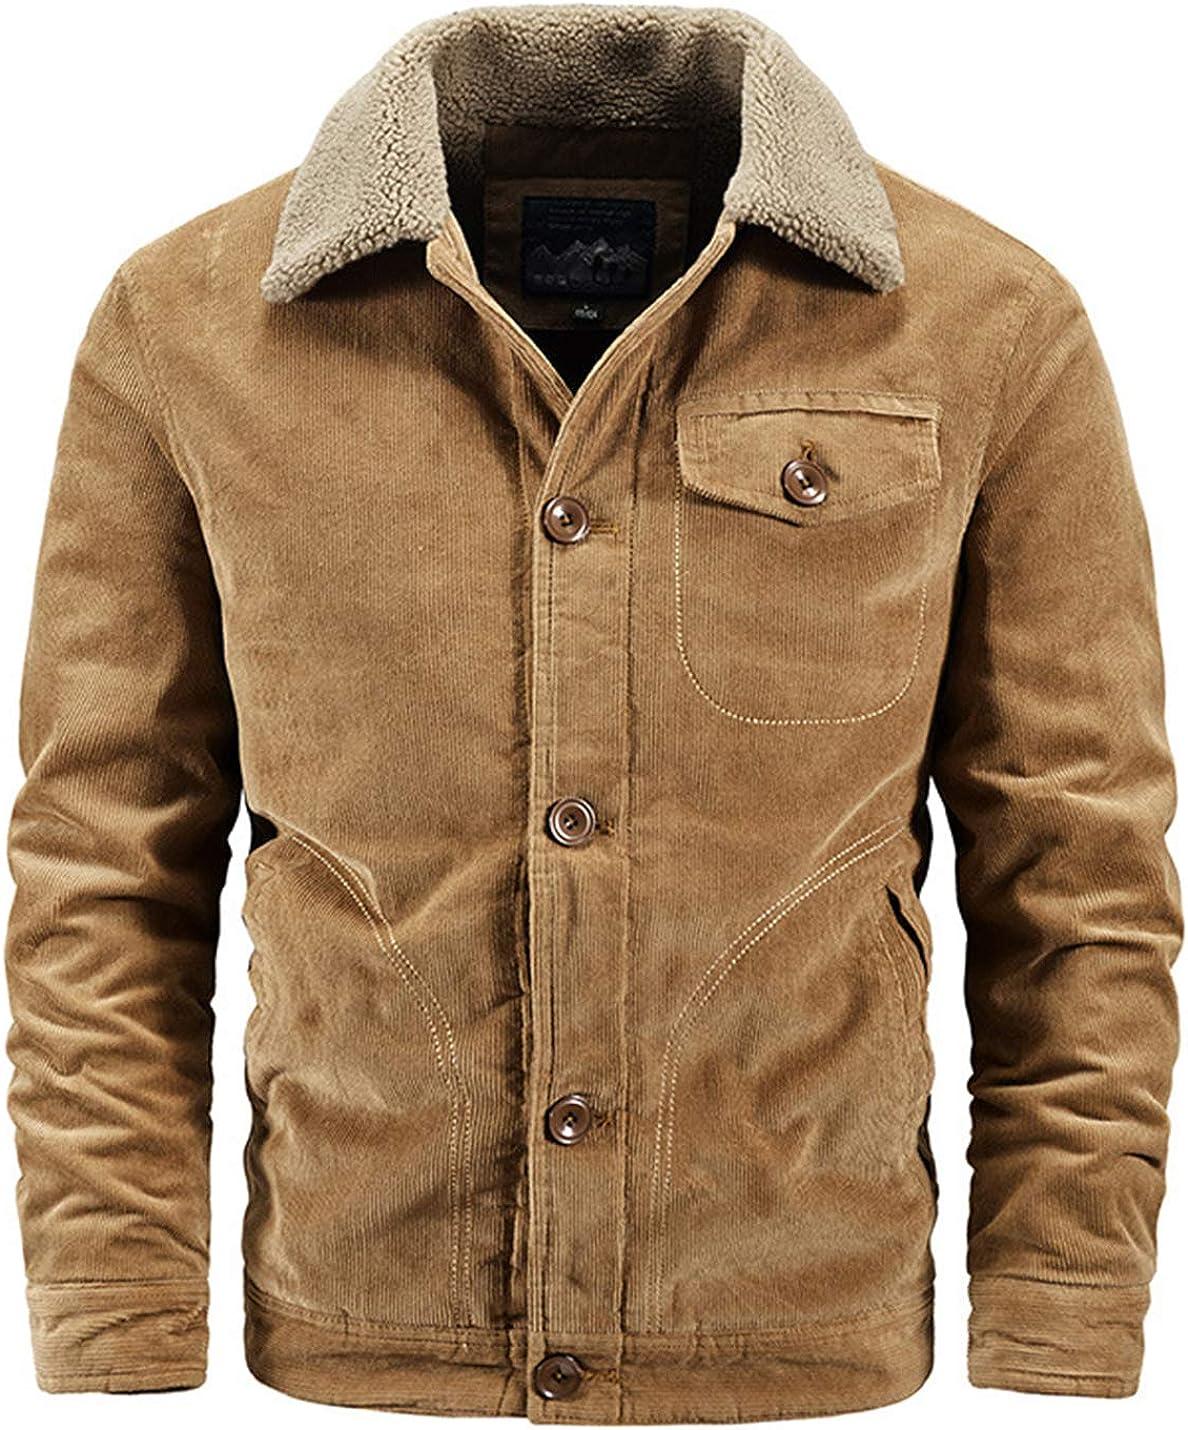 Flygo Men's Western Warm Fleece Sherpa Lined Button Down Corduroy Trucker Jacket